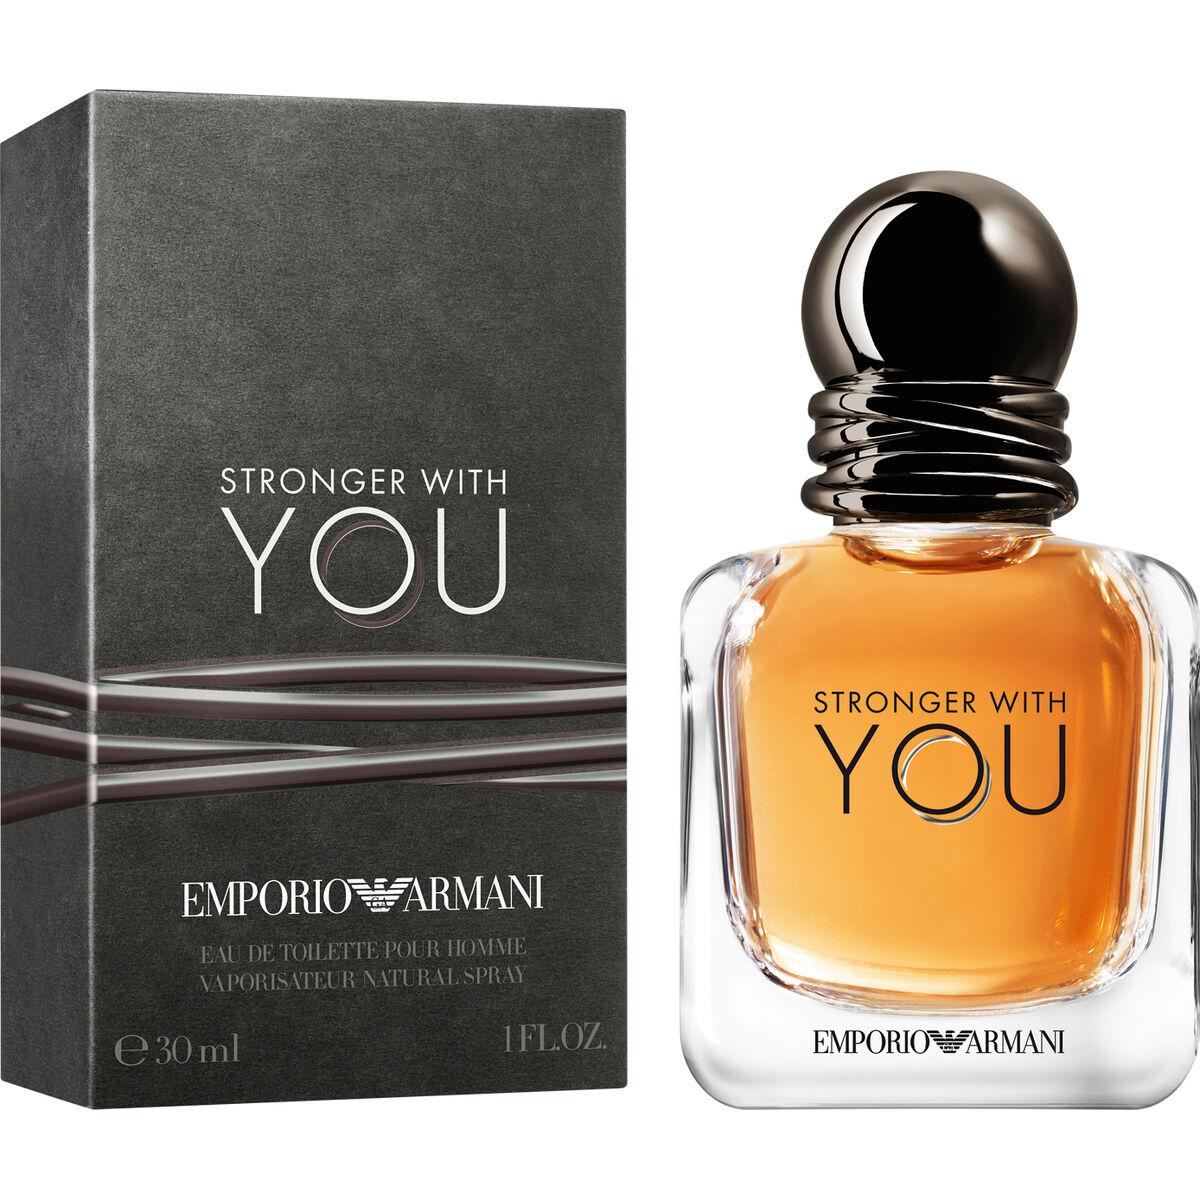 Emporio Armani Stronger with You Eau de Toilette pour Homme 30ml